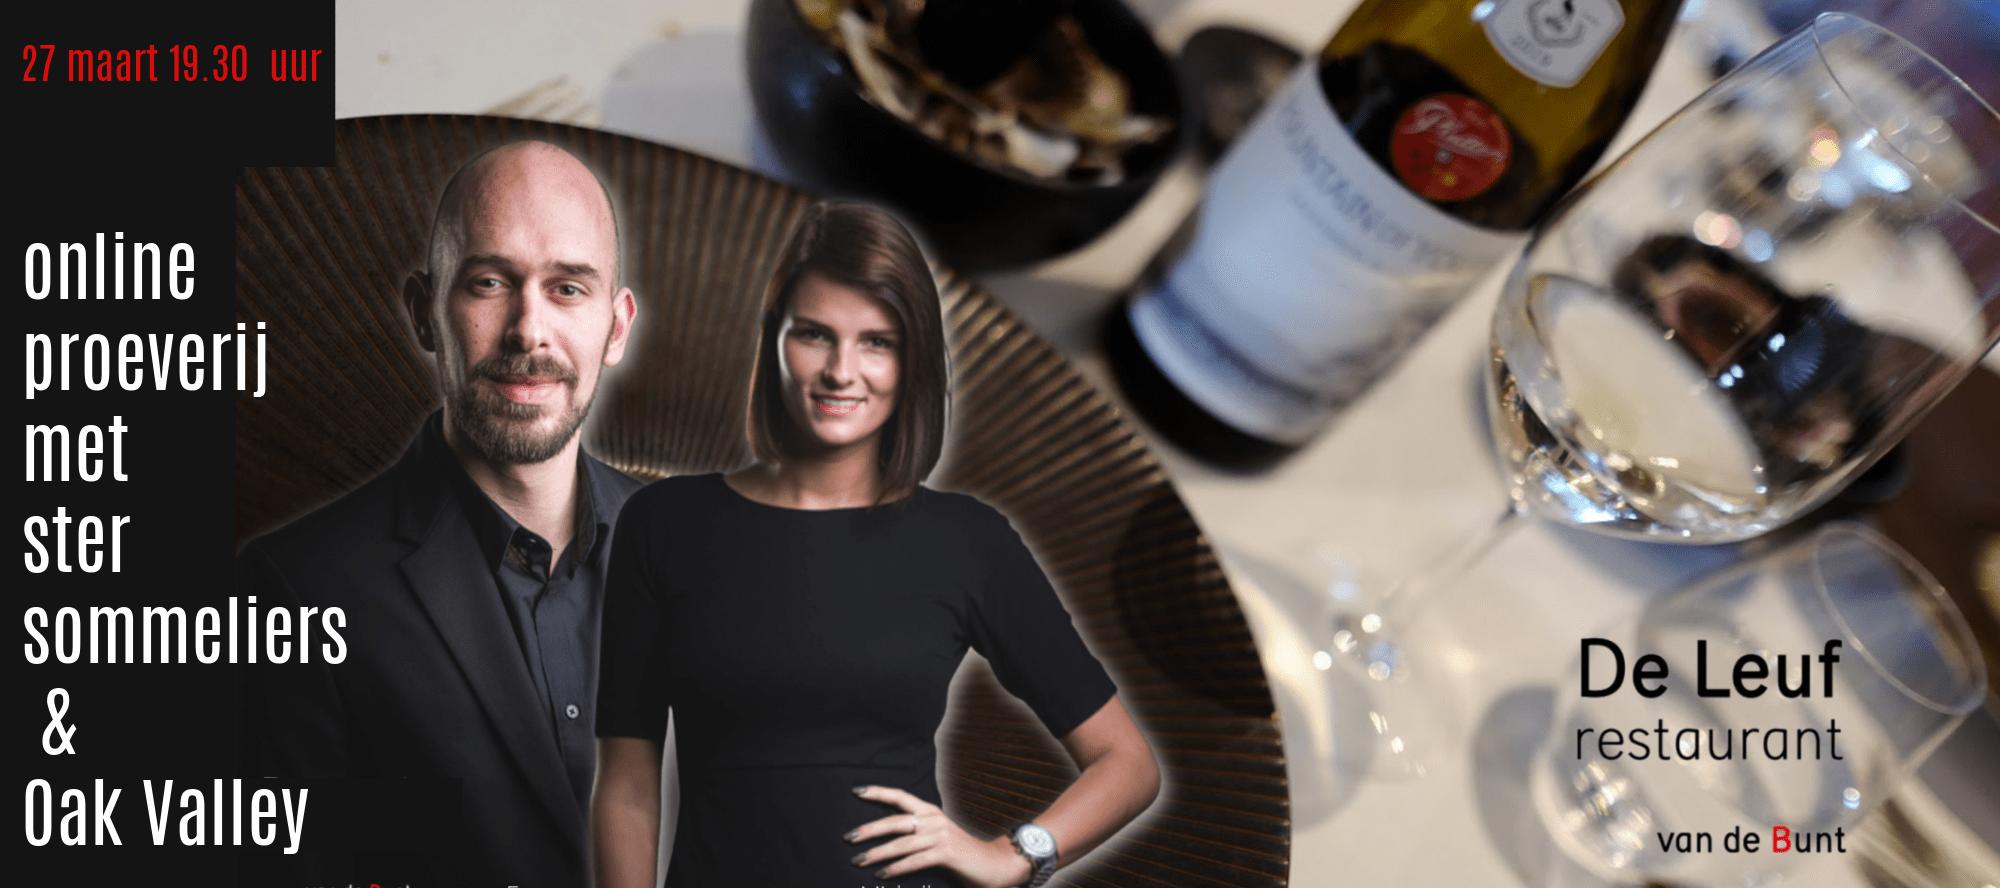 Online wijnproeverij Oak Valley en De Leuf